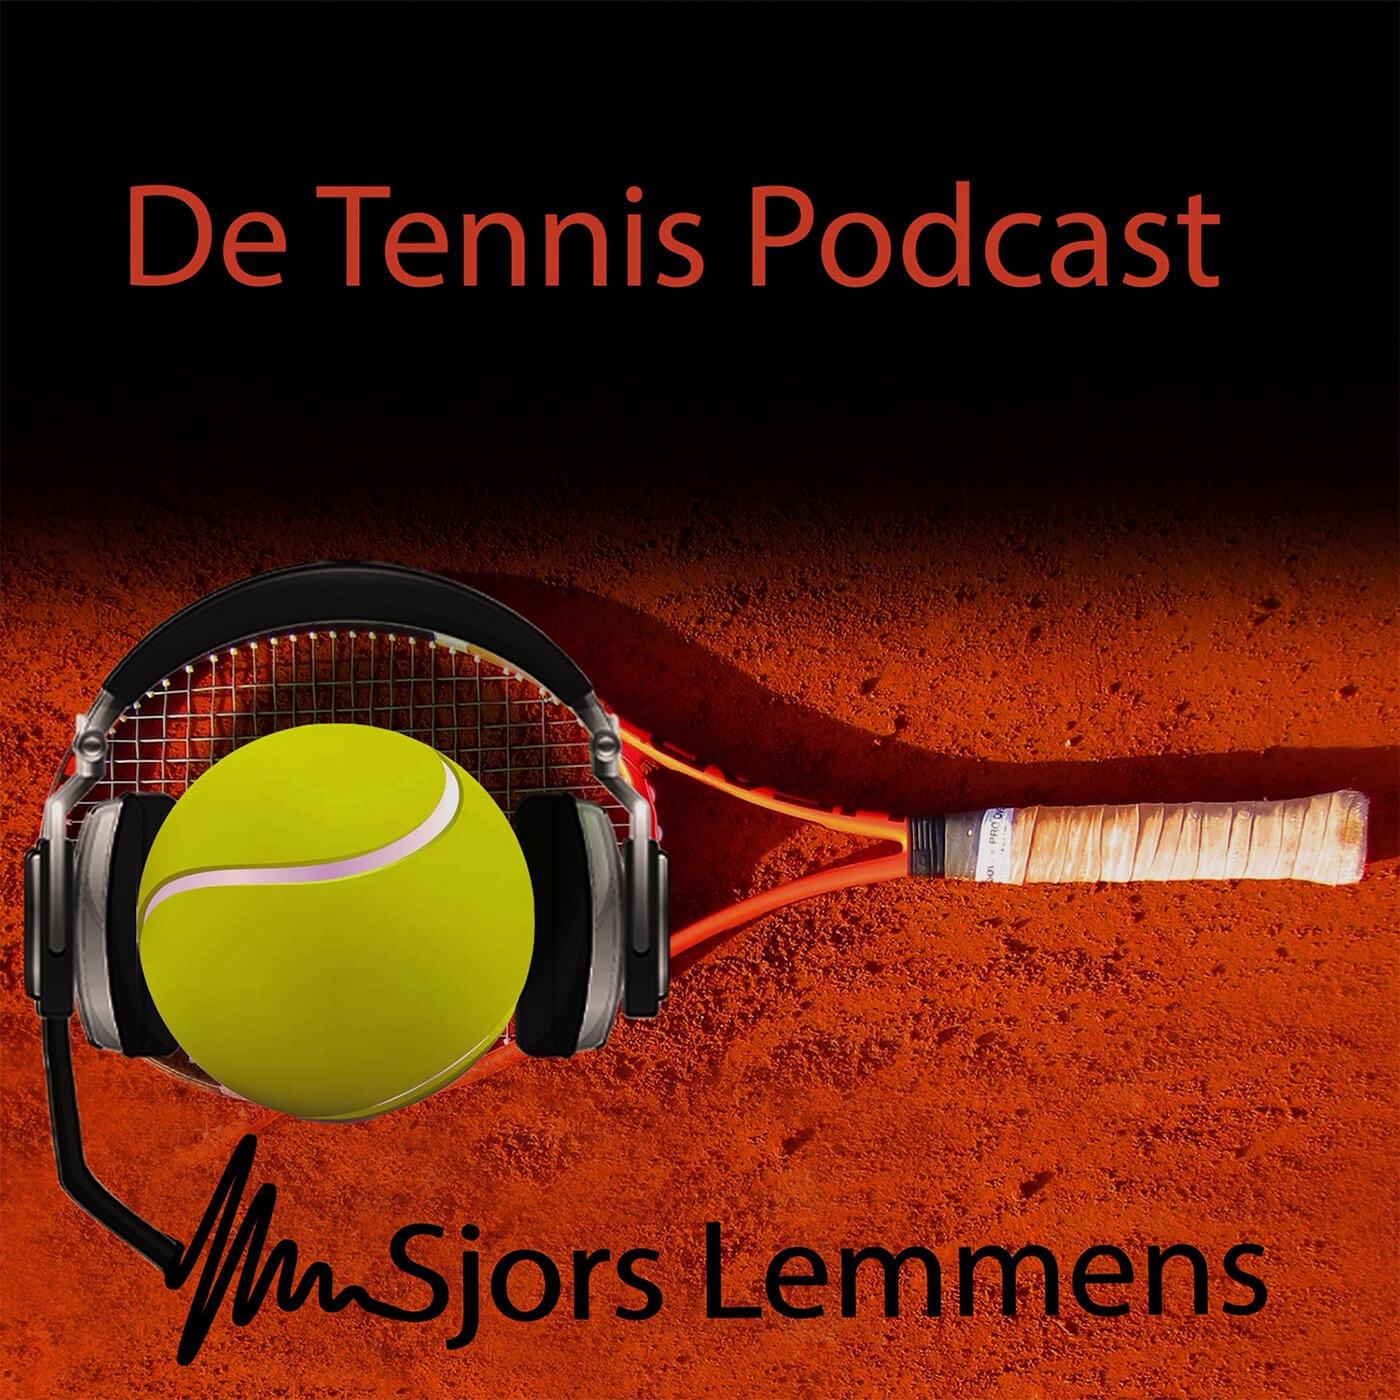 Cover Image De Tennis Podcast